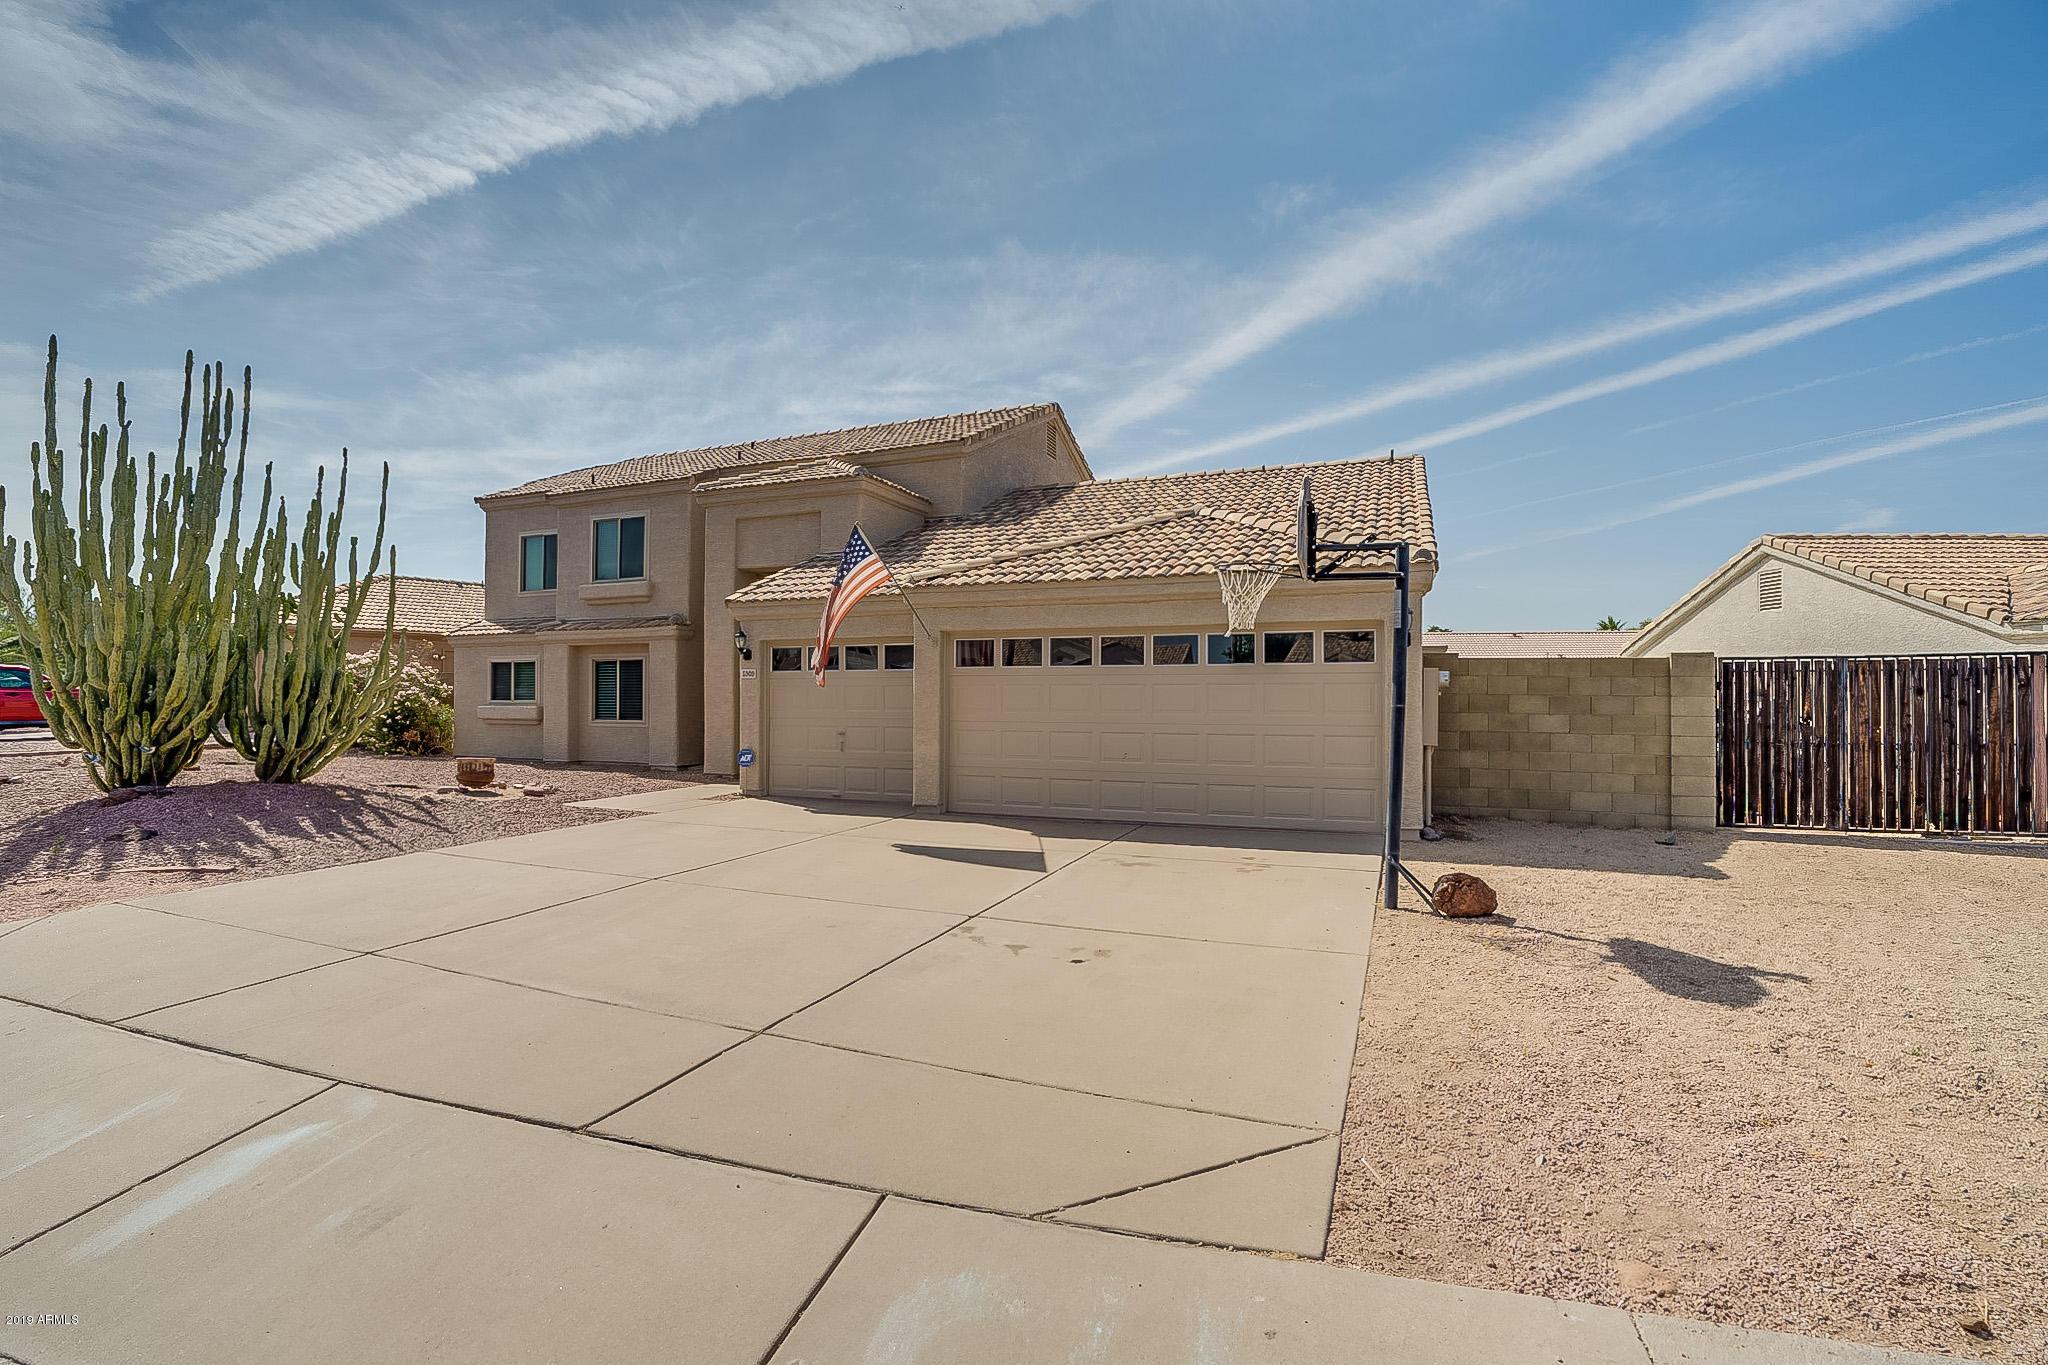 Photo of 5909 E INGRAM Street, Mesa, AZ 85205